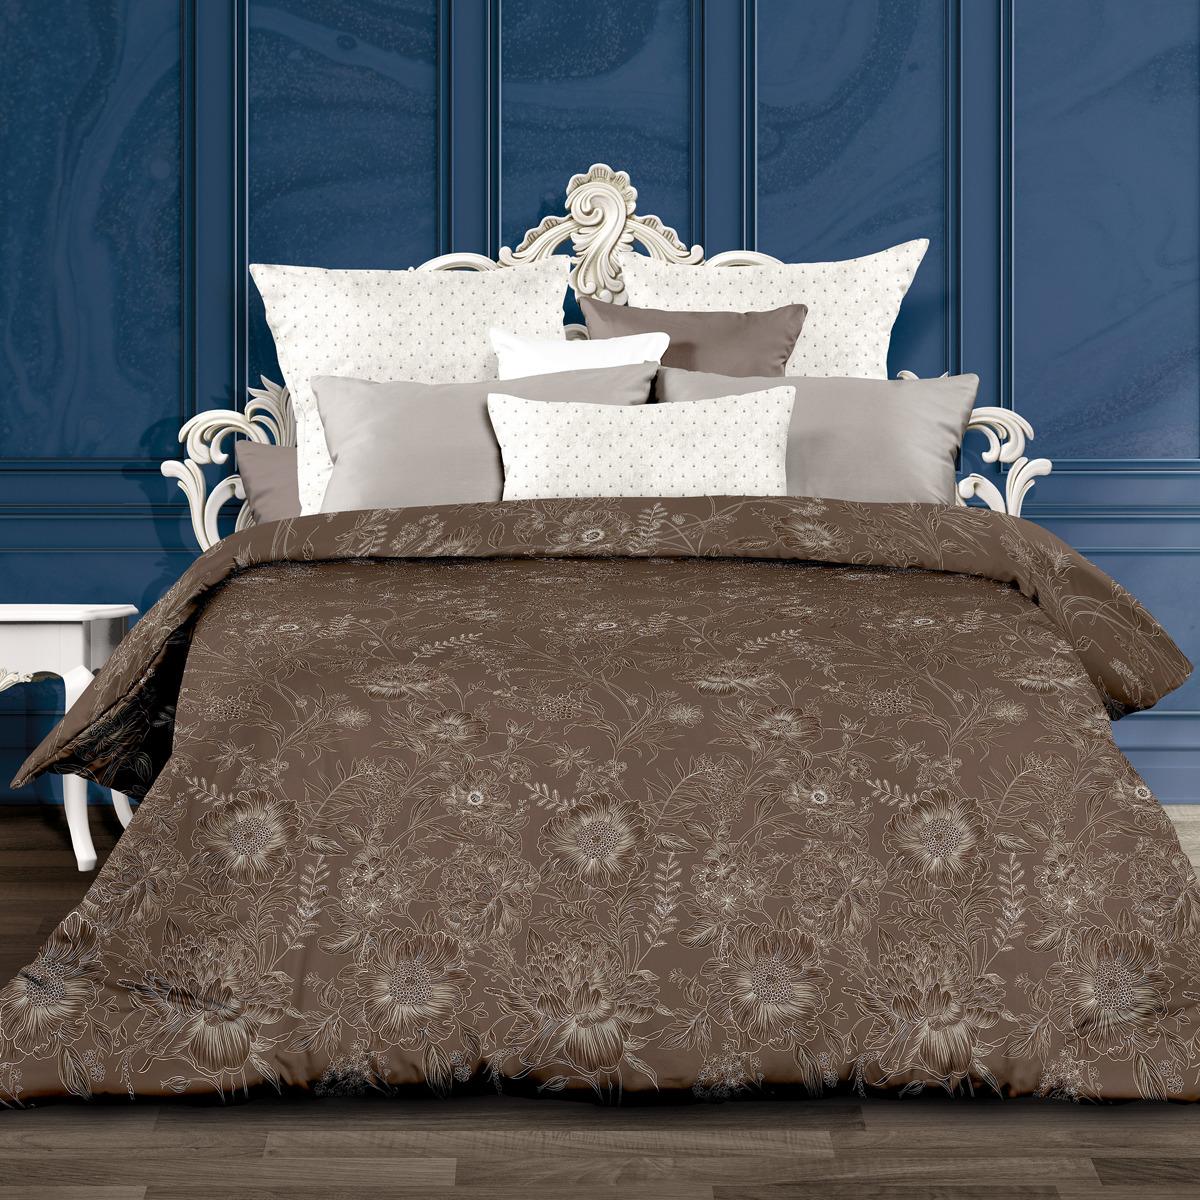 Комплект постельного белья Унисон Мадейра, 552827, евро, наволочки 70x70 комплект постельного белья унисон бархат